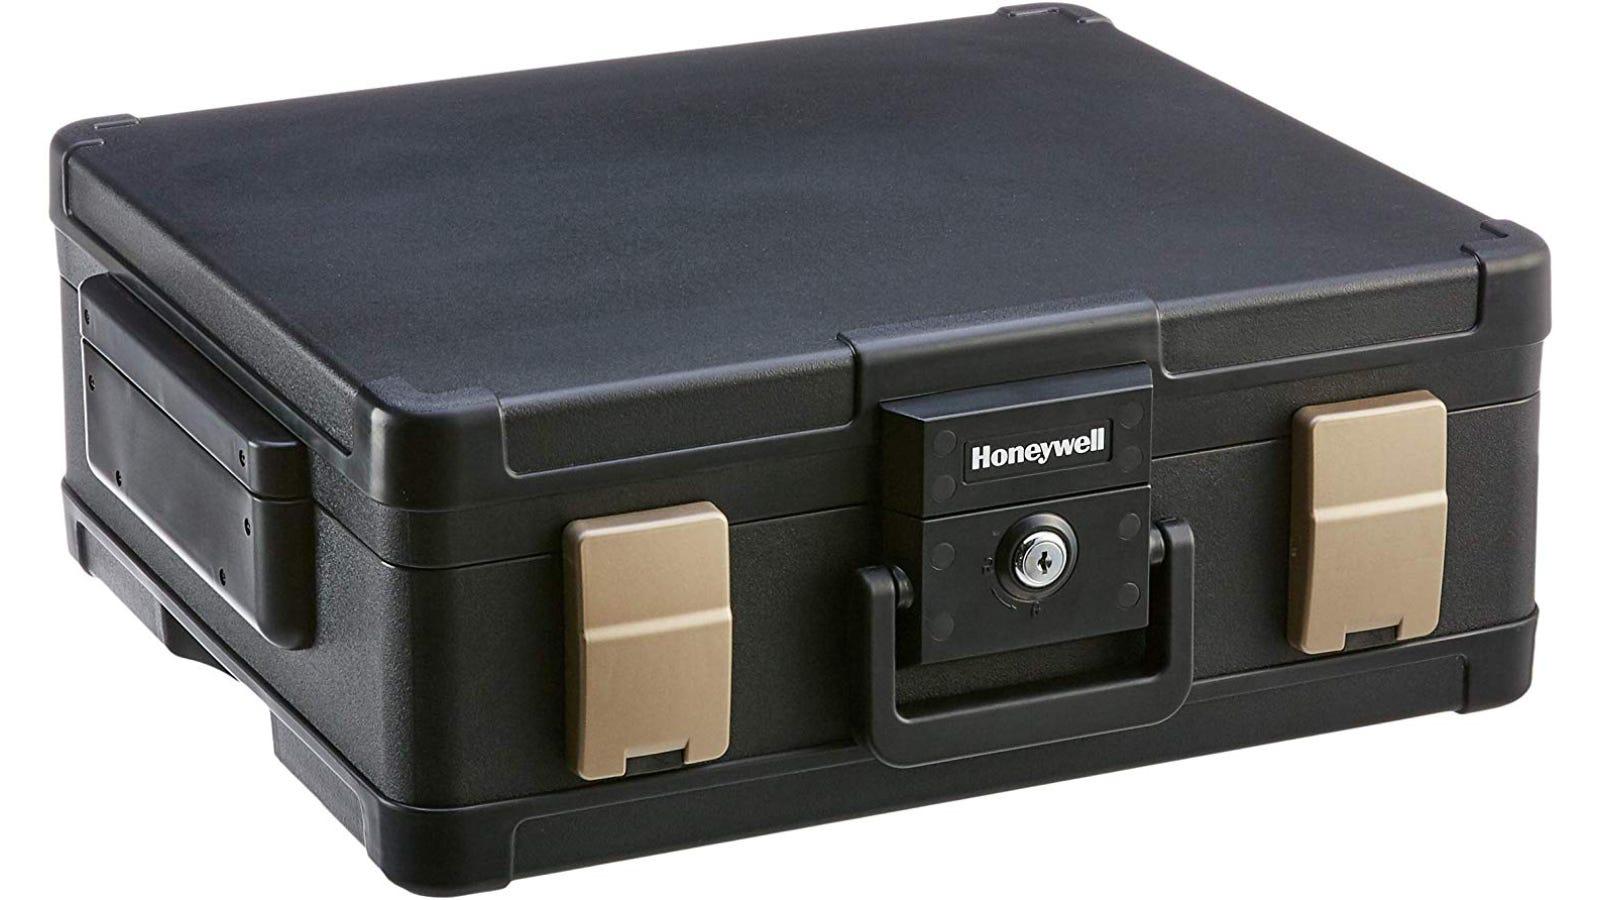 Honeywell 1104 Safe